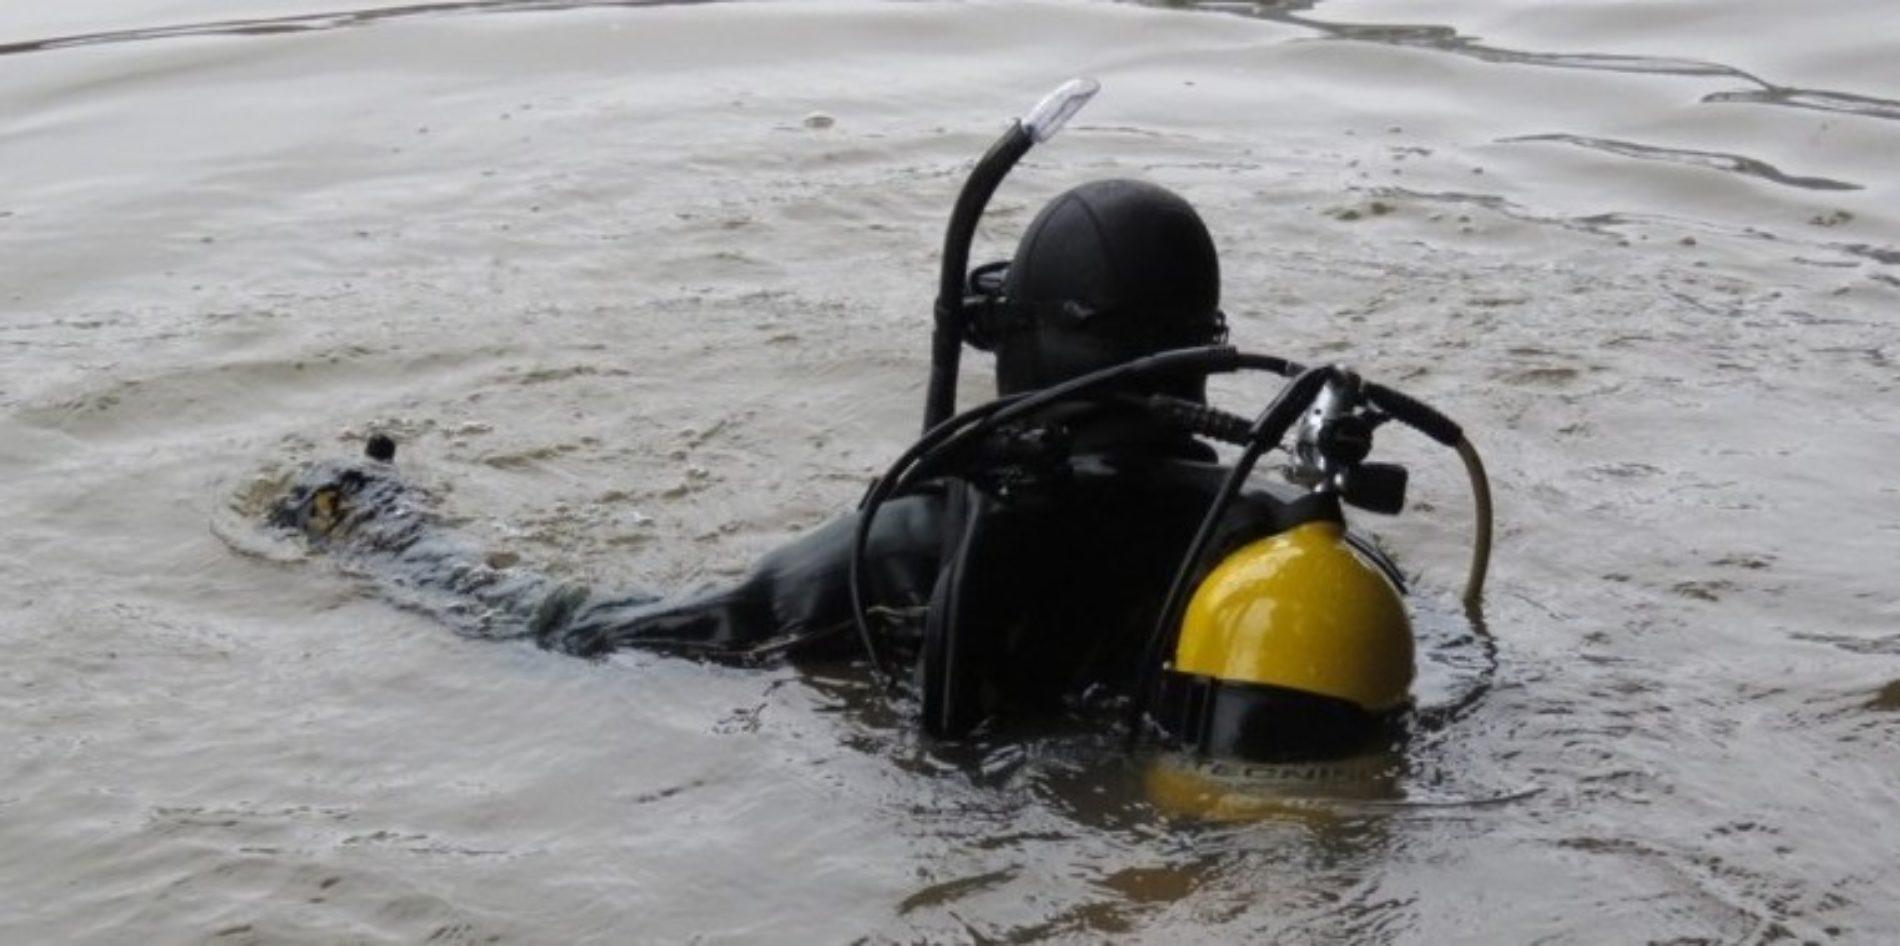 Seia: Buscas no rio Mondego para encontrar pescador desaparecido